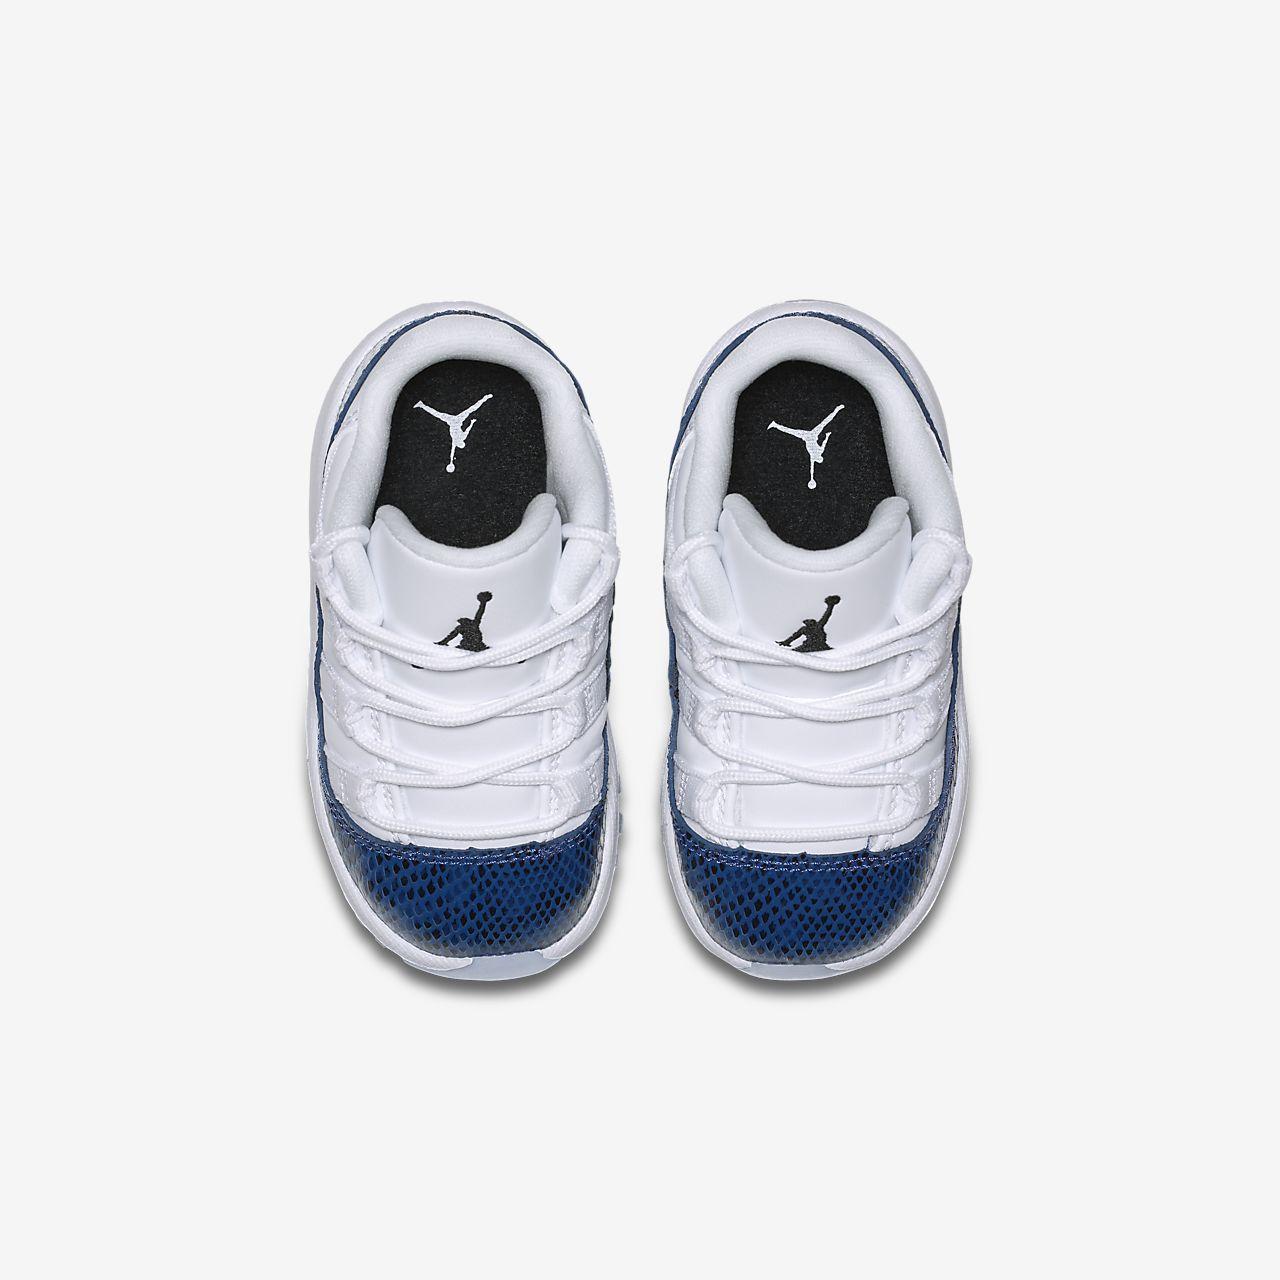 3b007e588f027 Sapatilhas Jordan 11 Retro Low LE para bebé. Nike.com PT